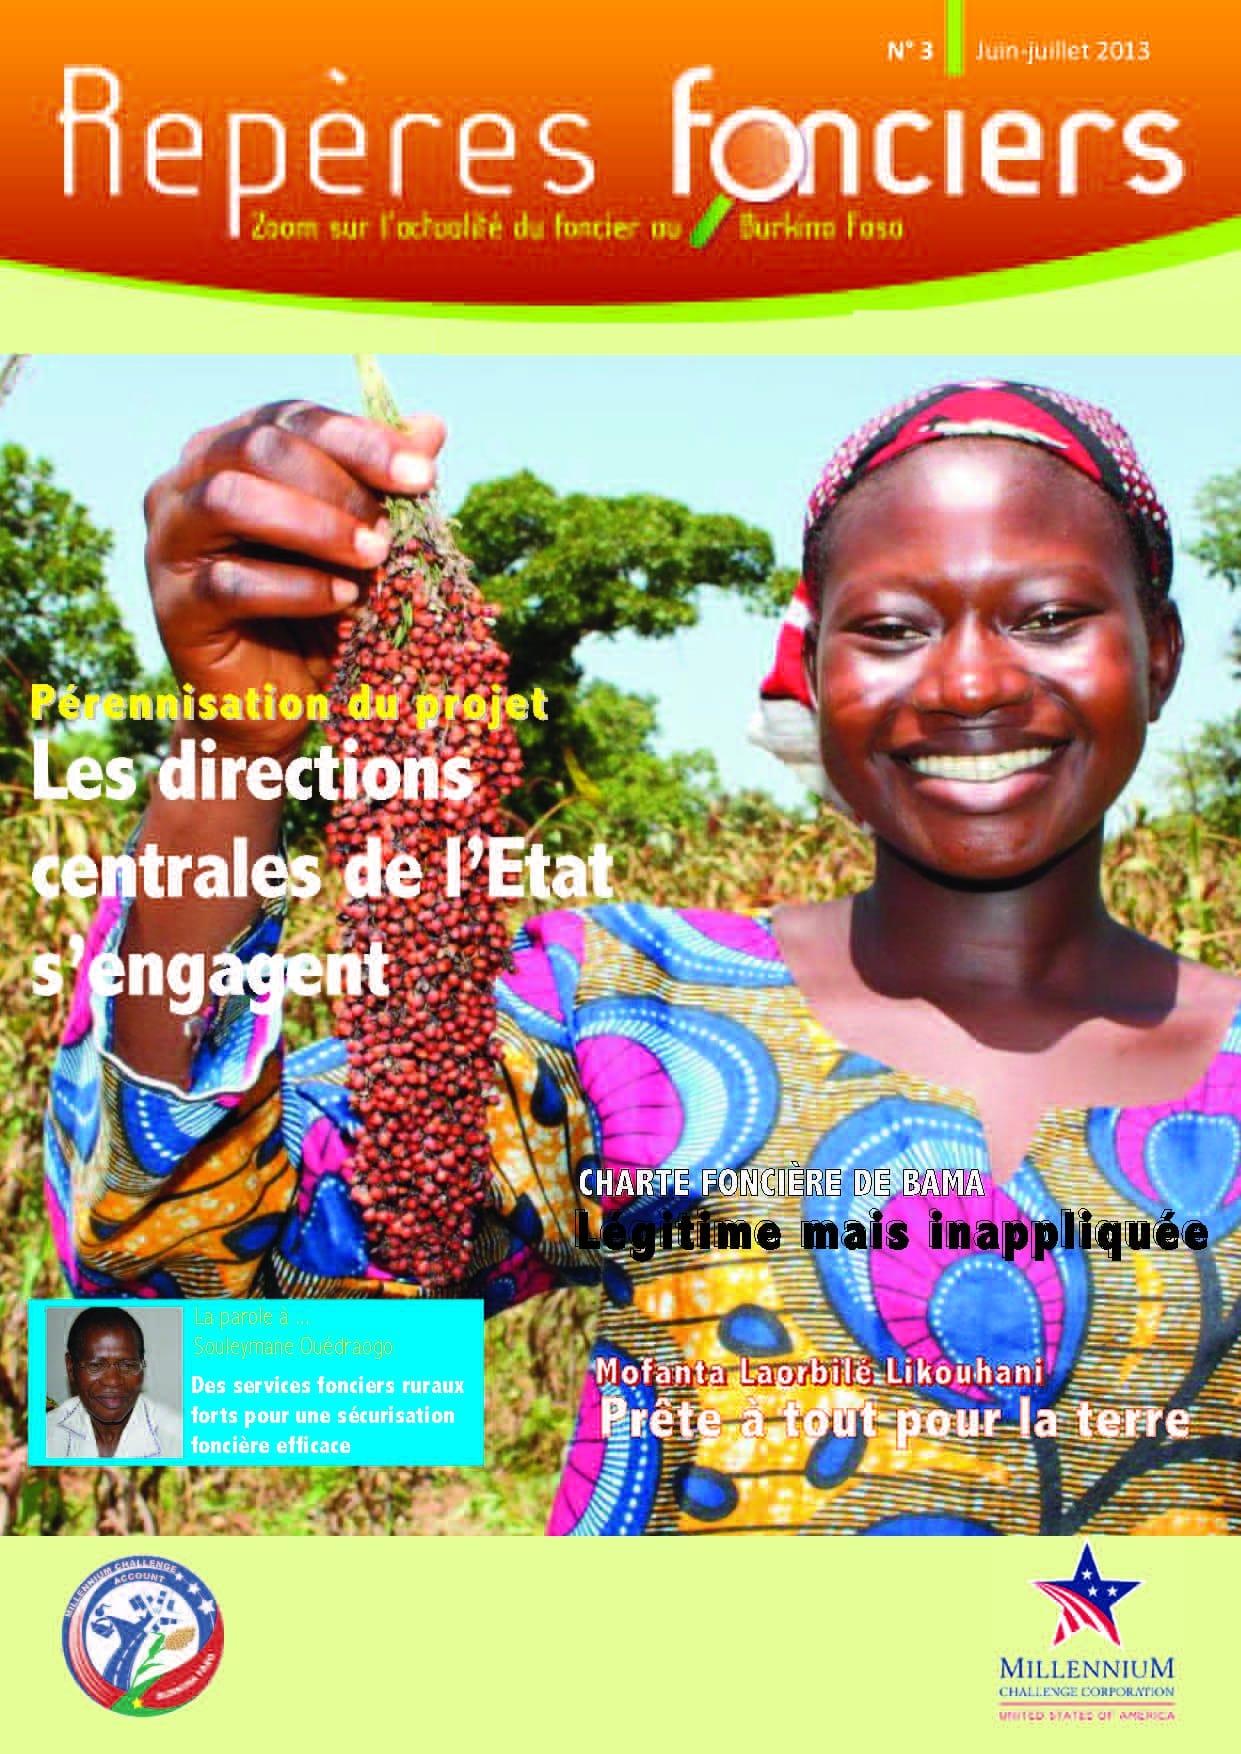 Repères fonciers n°3 : Zoom sur l'actualité du foncier au Burkina Faso